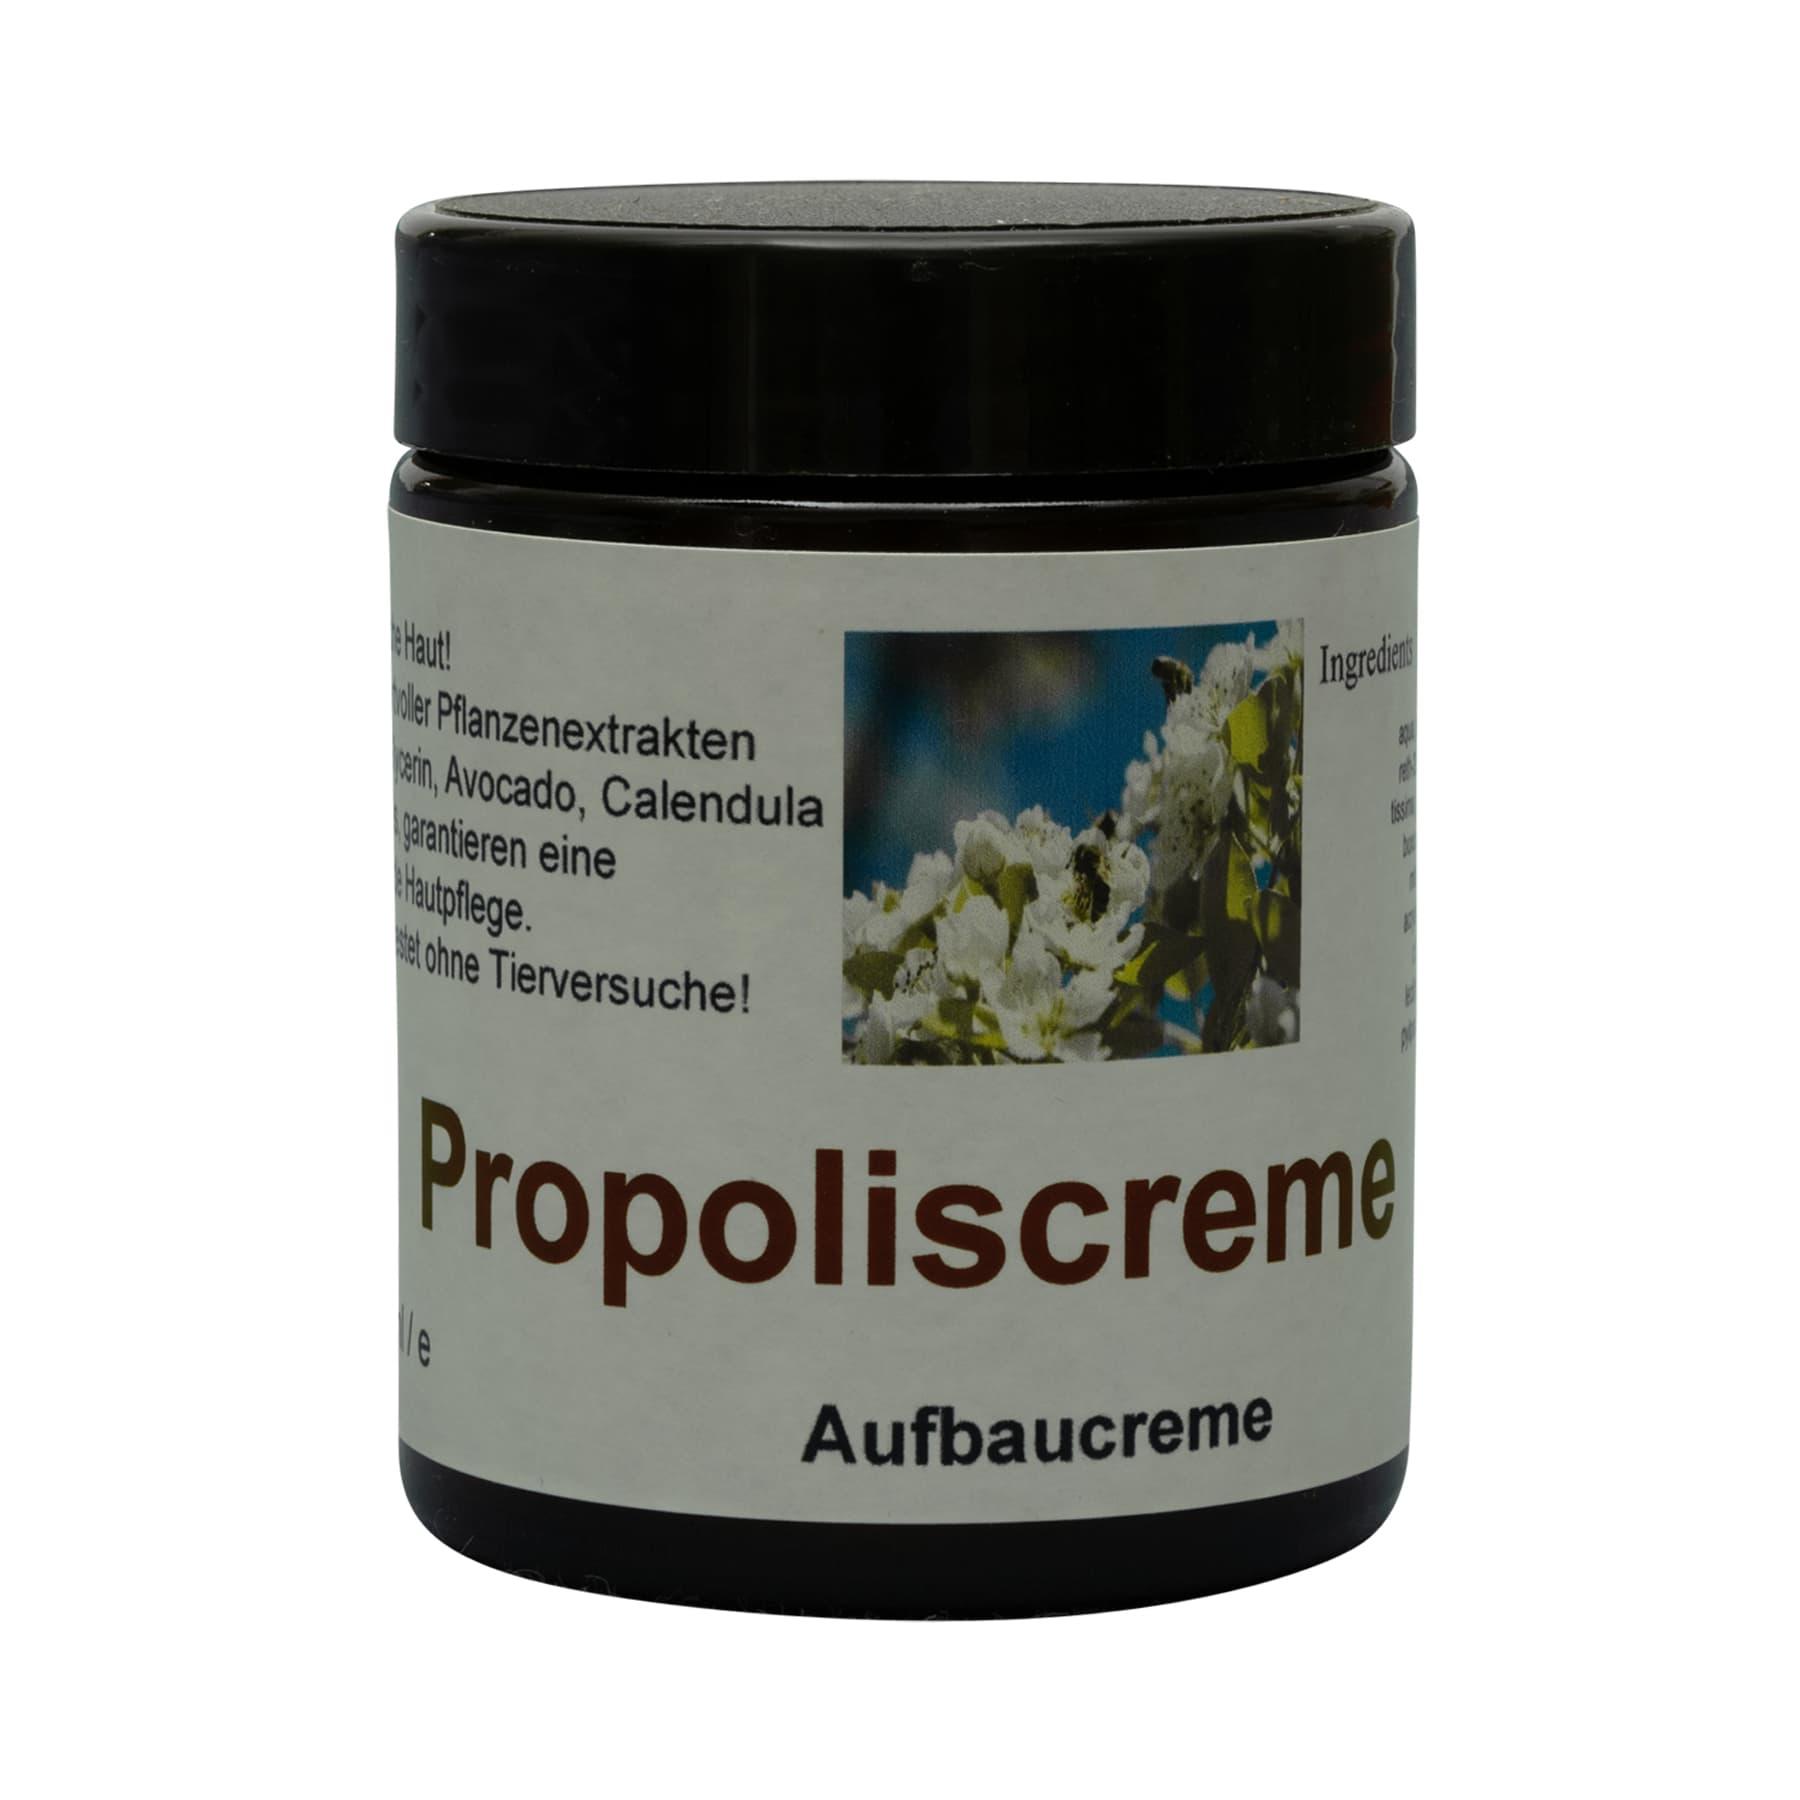 Hautcreme mit Propolis 100 ml mit beigelegtem Etikett